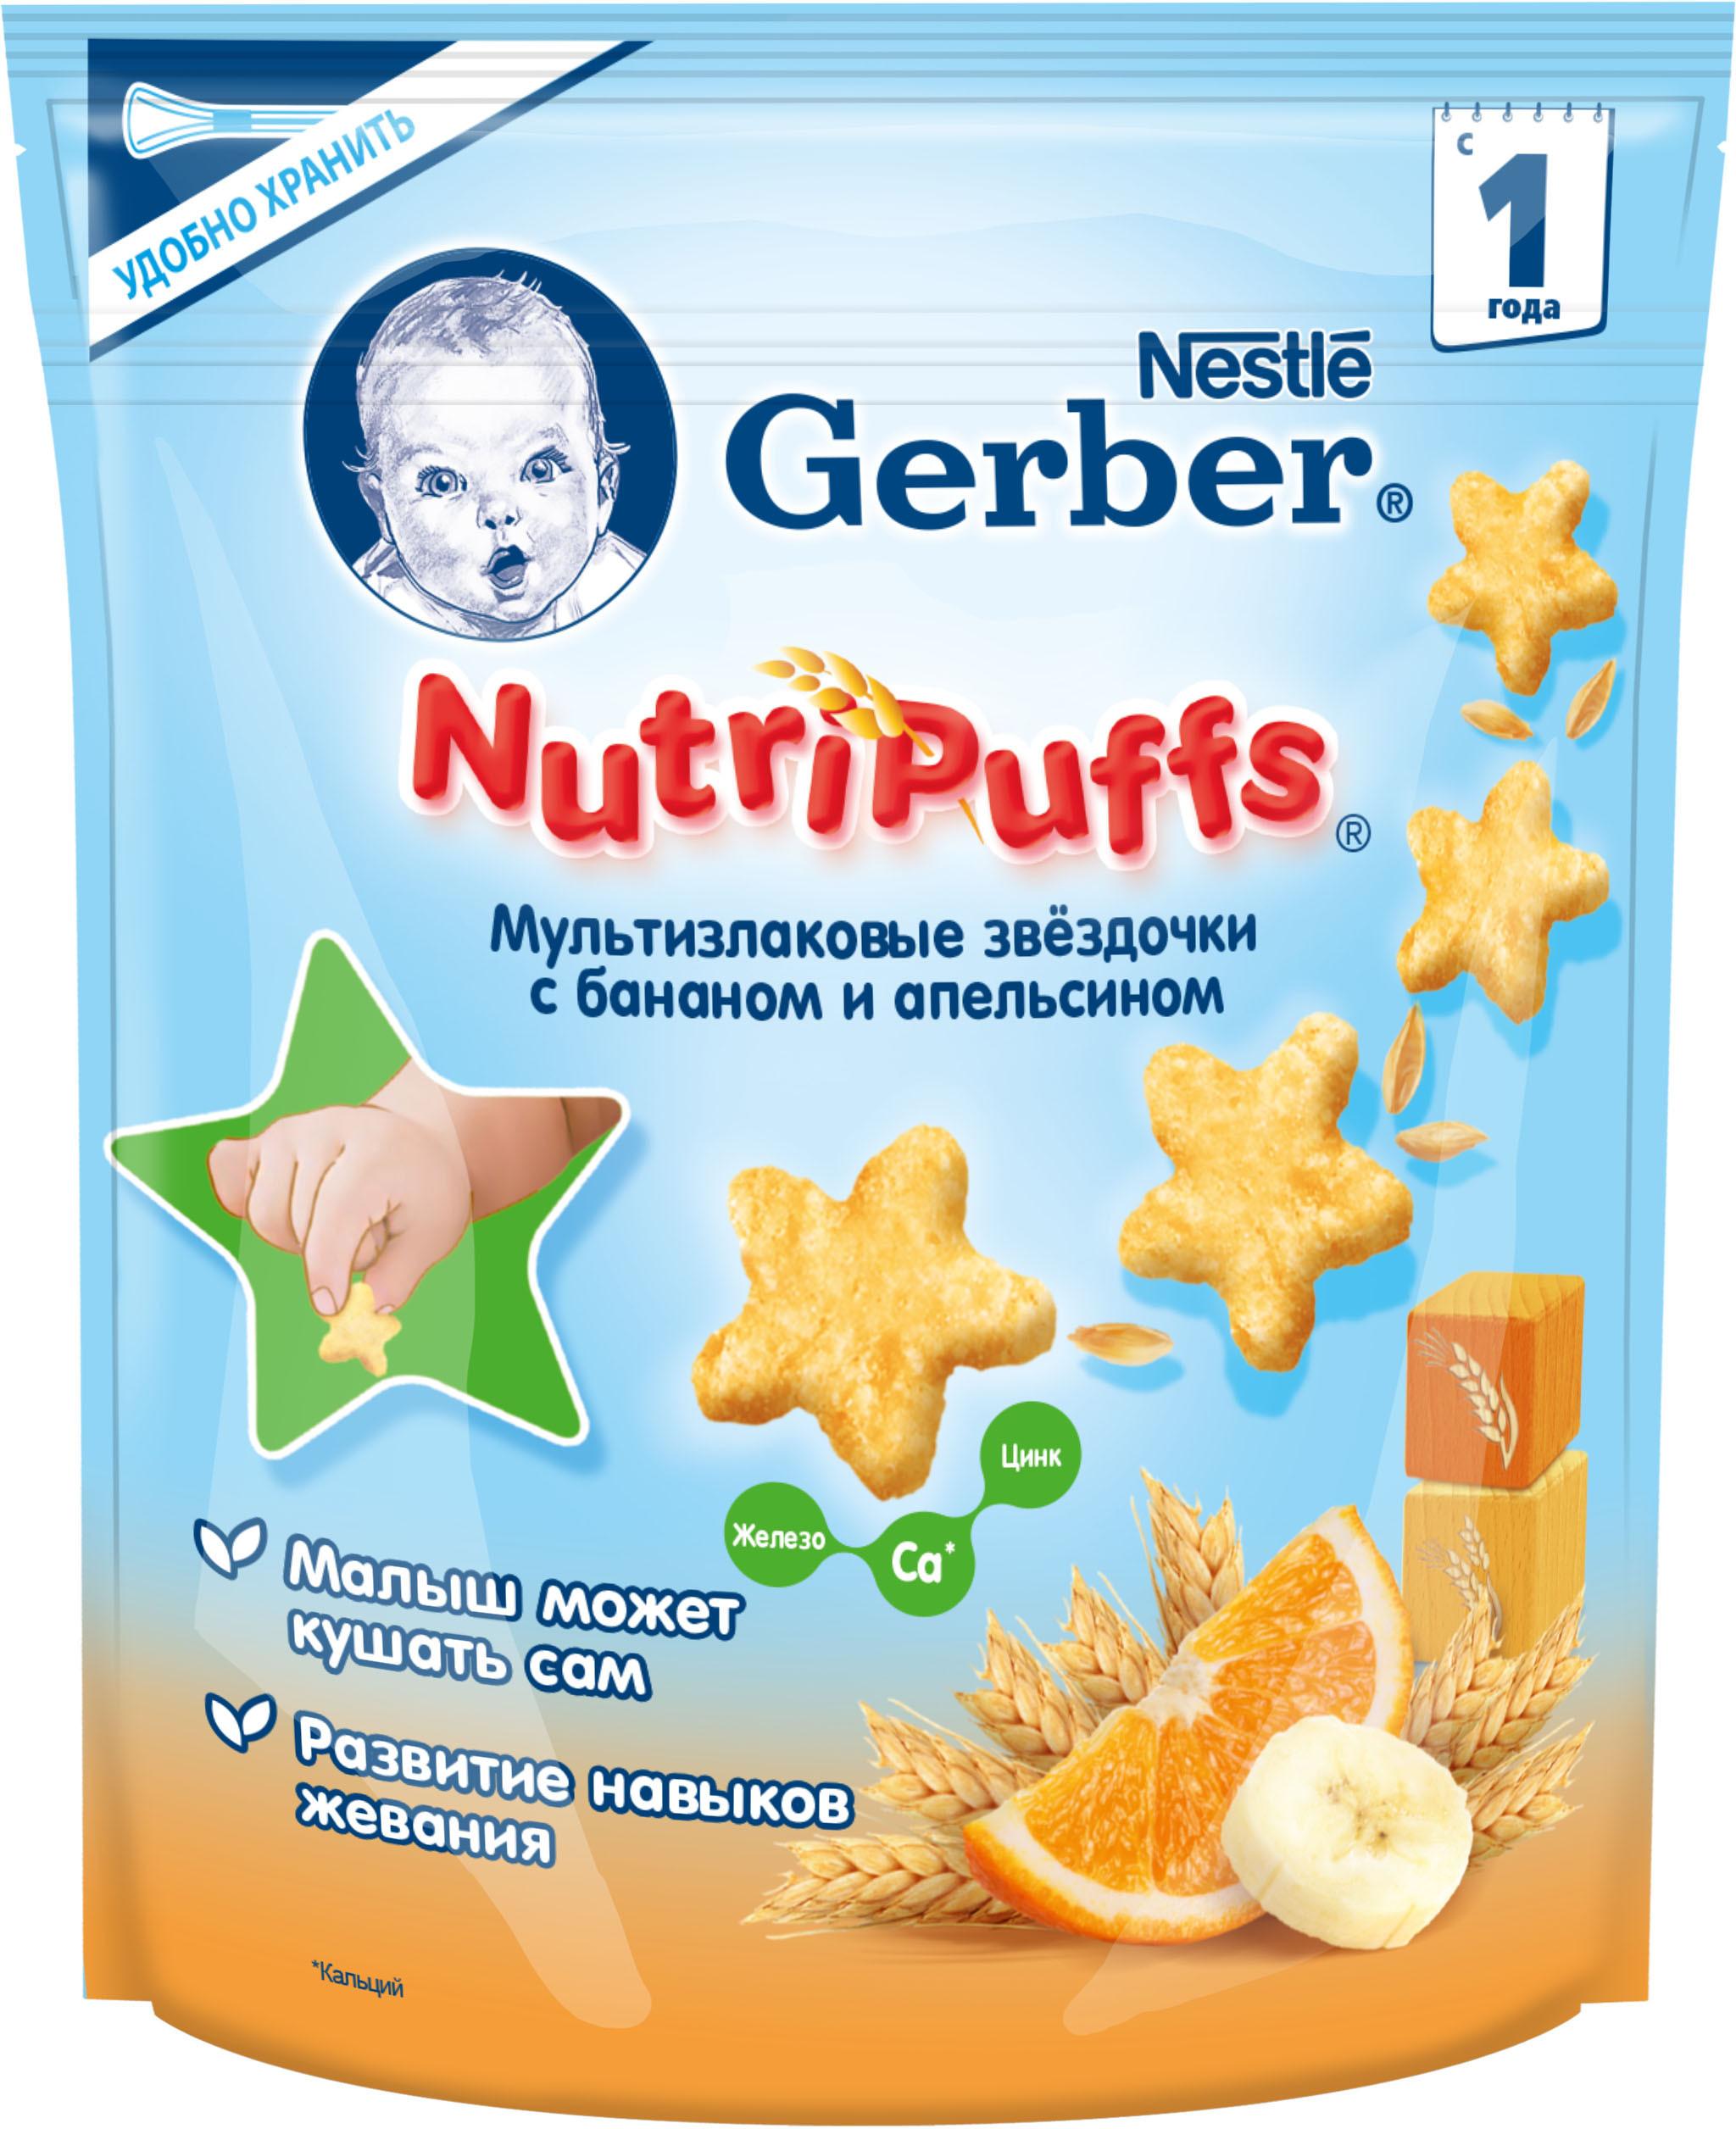 Печенье и сушки Gerber Gerber «NutriPuffs» банан и апельсин с 12 мес. мультизлаковые звездочки gerber nutripuffs банан и апельсин с 12 мес